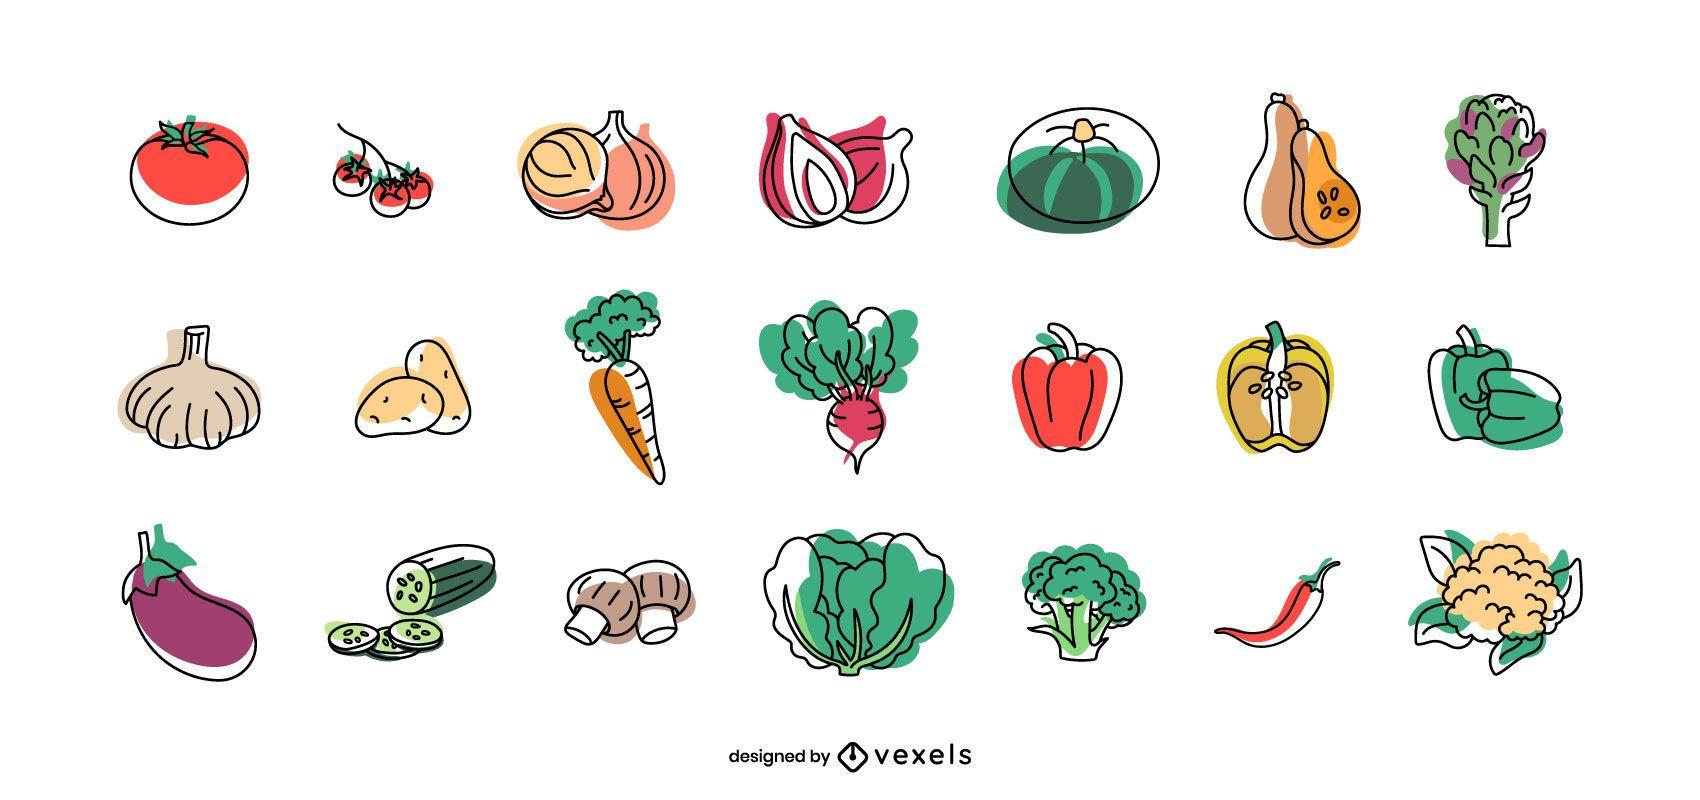 Diseño de escenografía de frutas y verduras